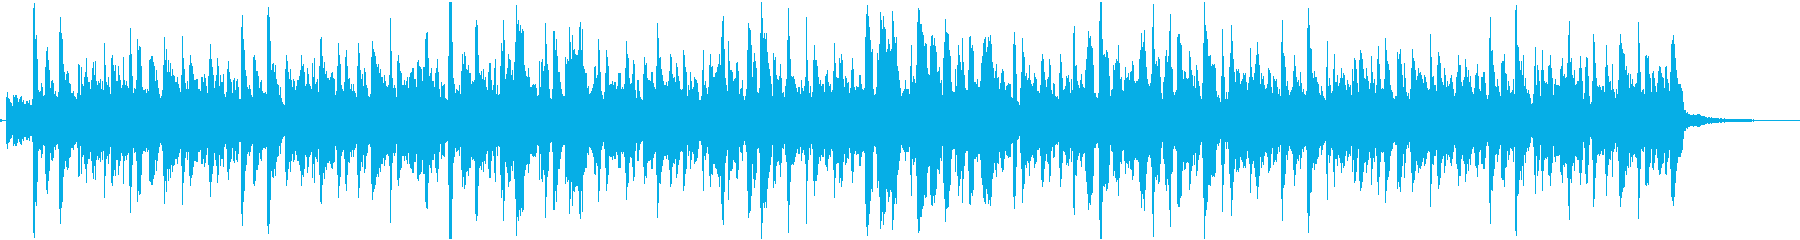 きゅうりをテーマにした楽曲の再生済みの波形